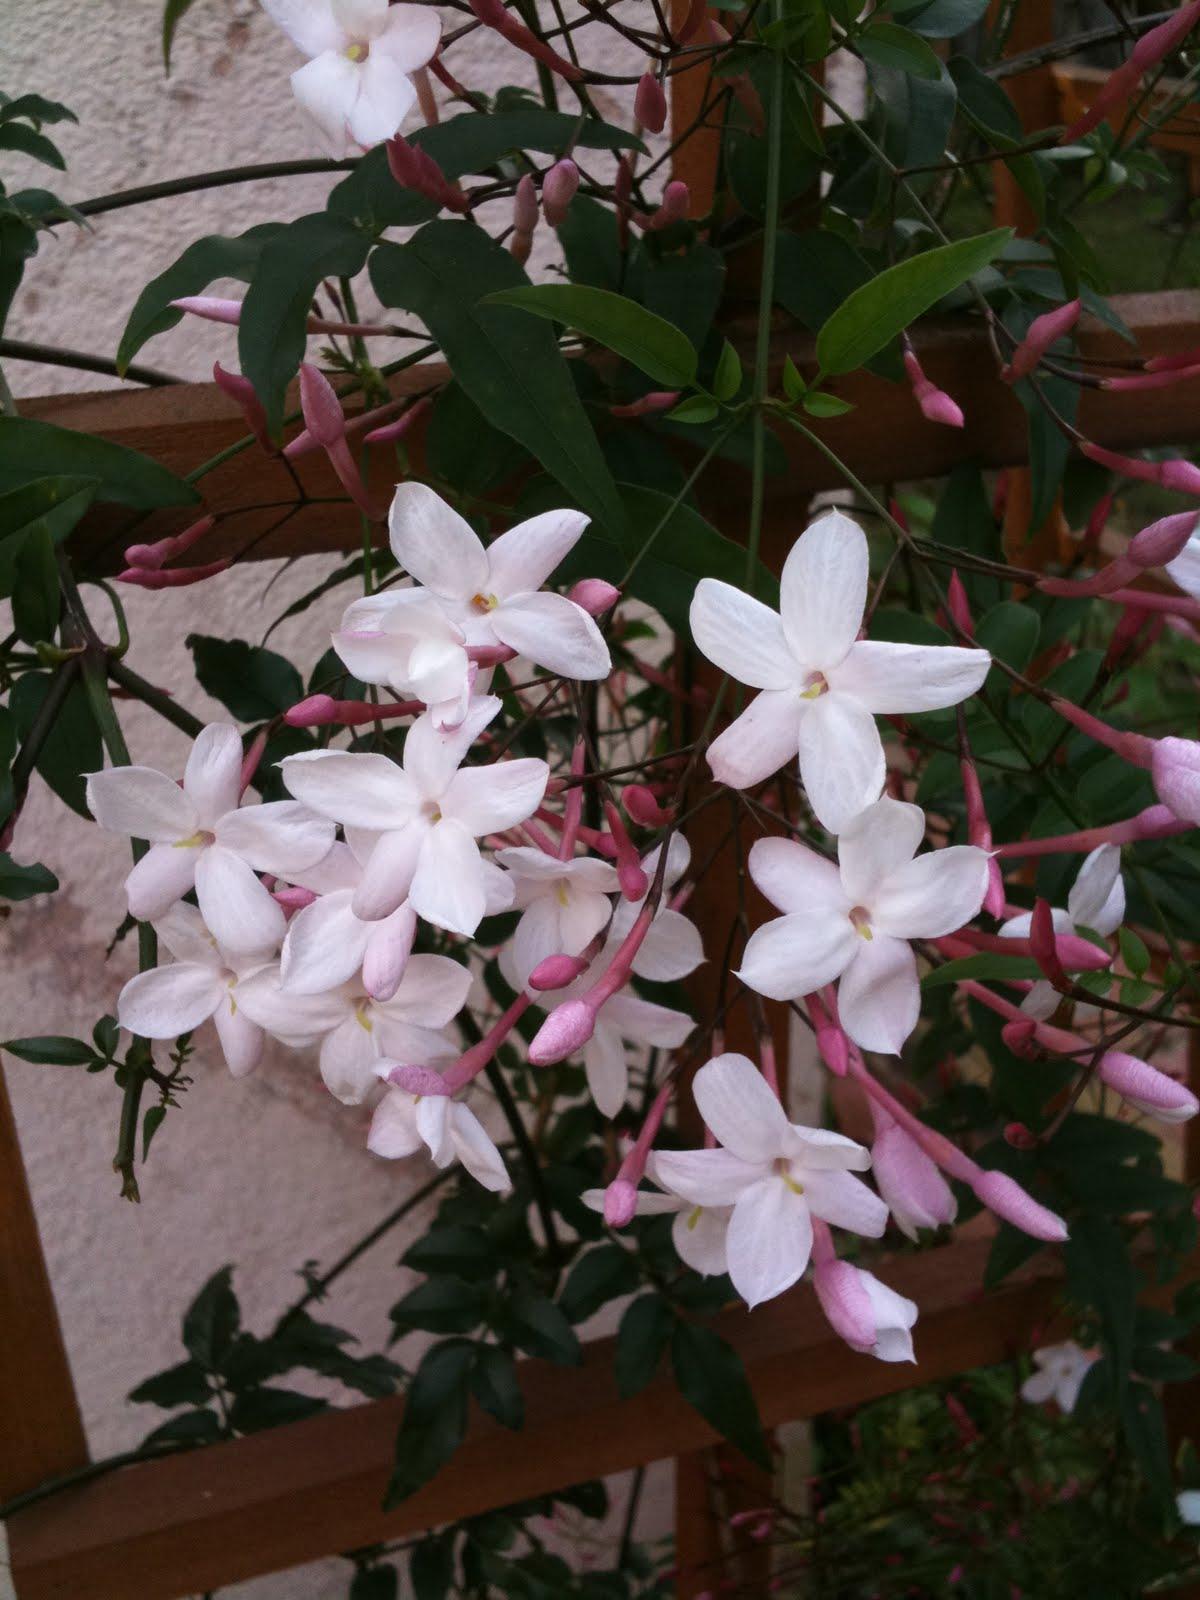 комнатный цветок жасмин многоцветковый формировать дружеские